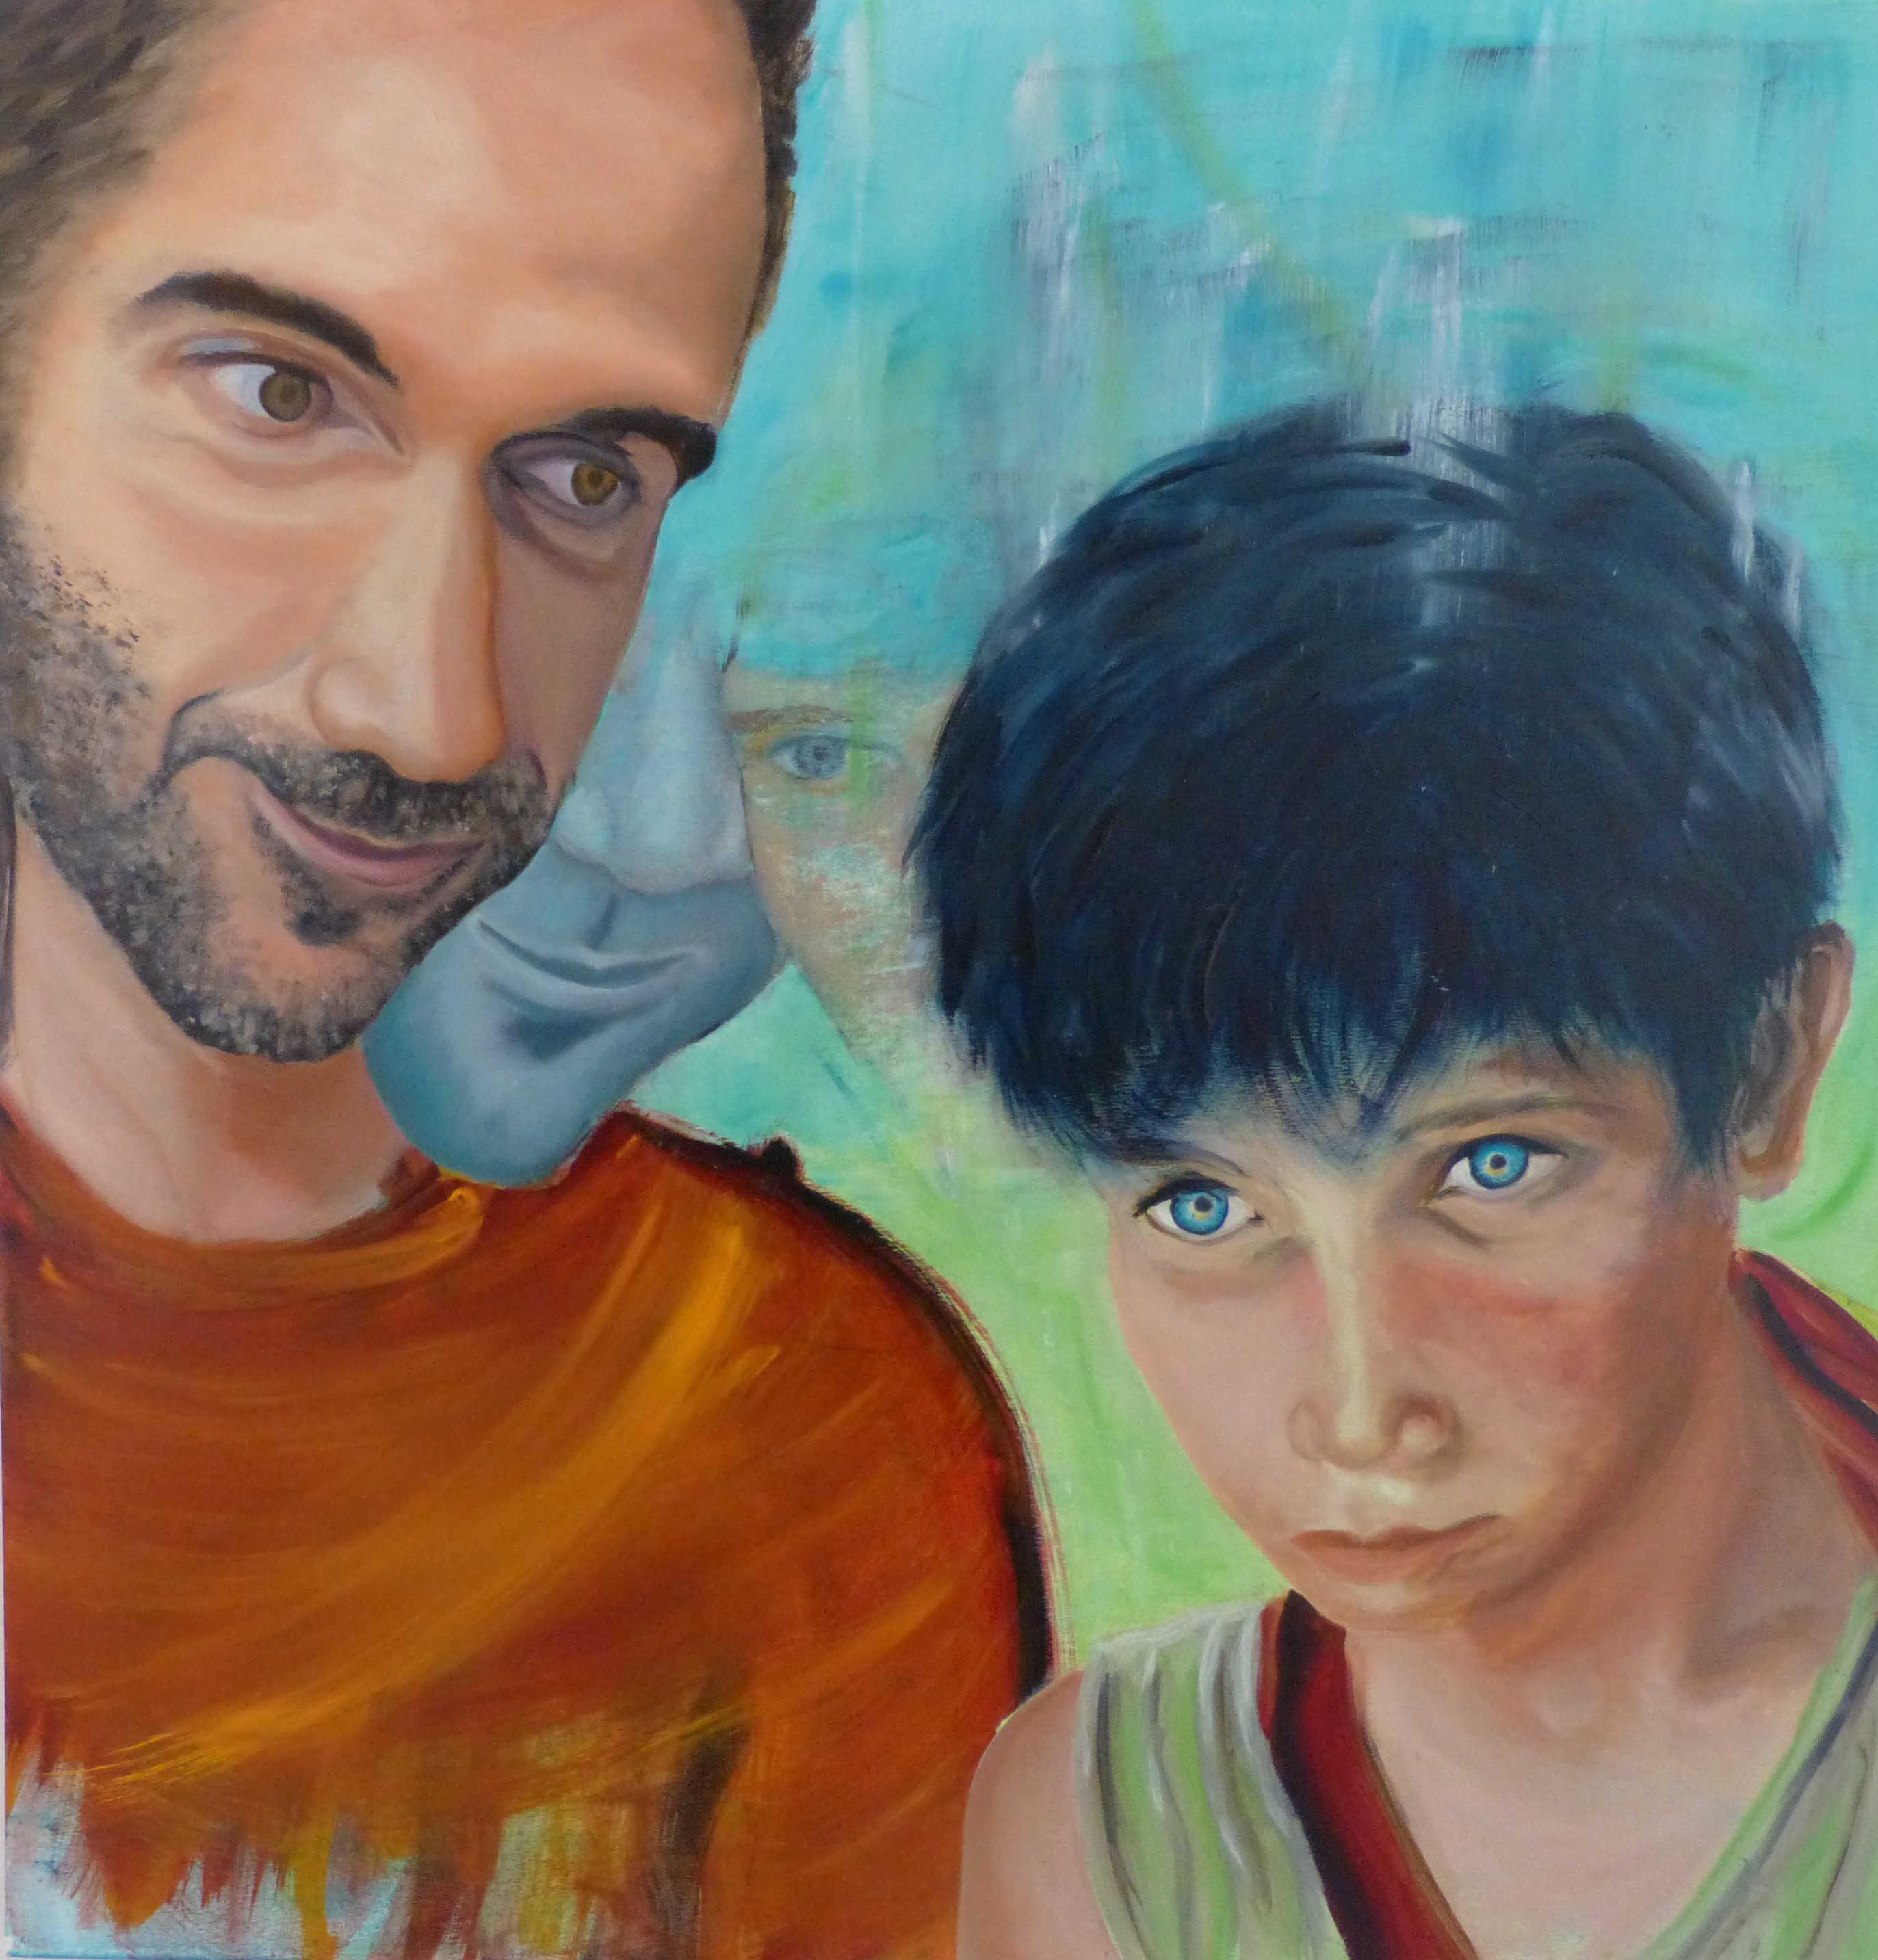 Nicolas et enfant